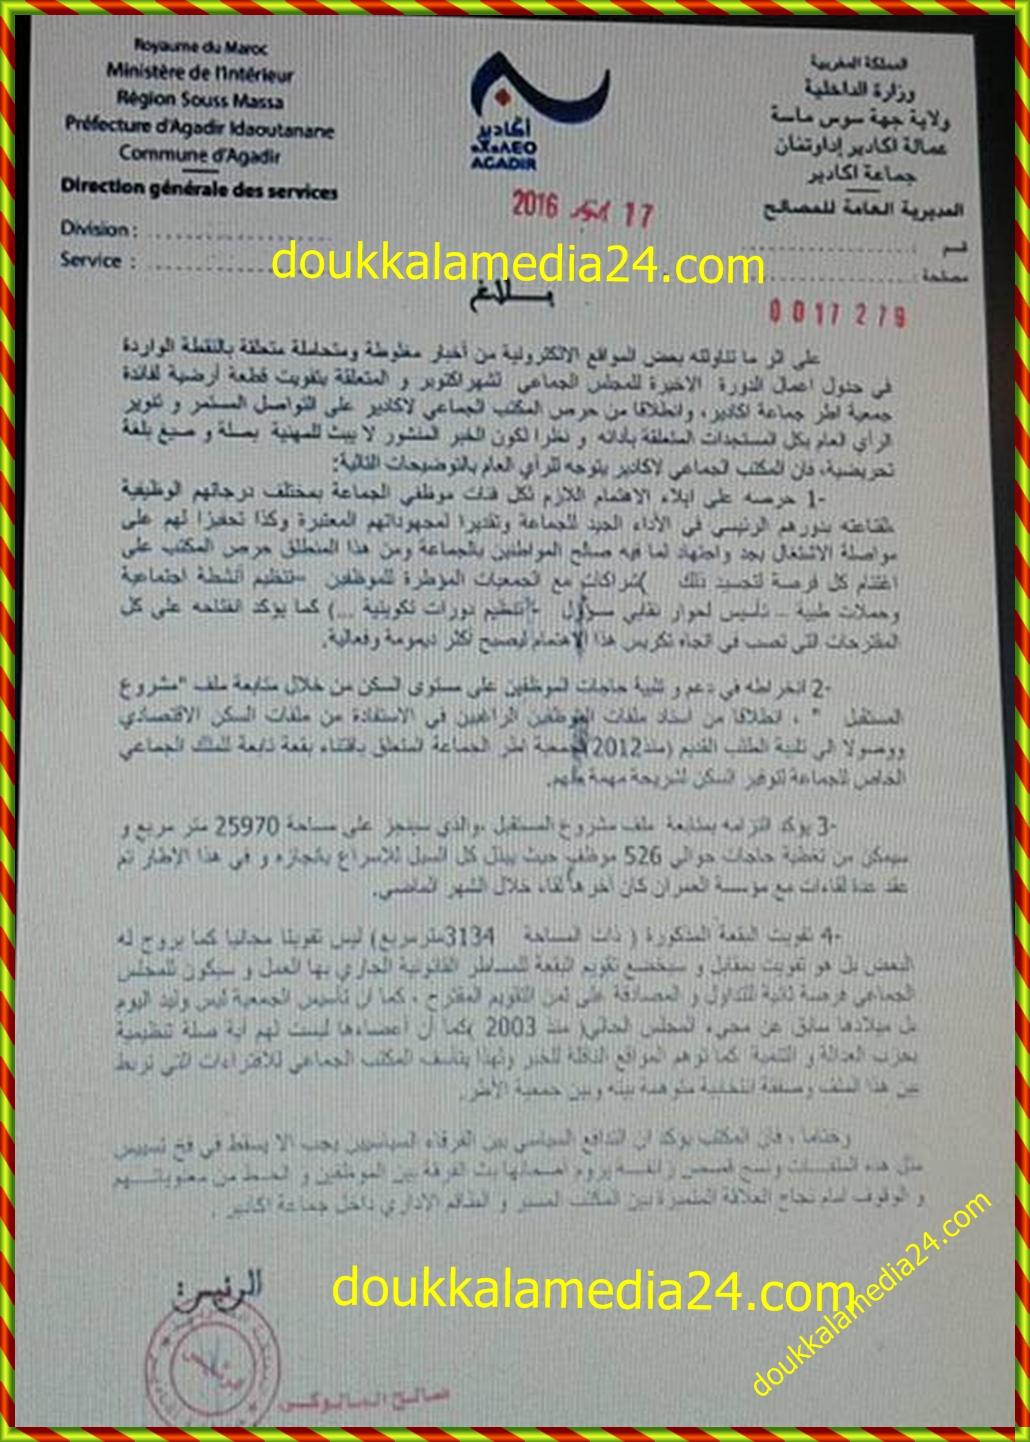 """فضيحة """"بلاغ"""" مجهول المصدر ينوب عن مكتب مجلس بلدية أكادير و هذا الأخير يرد ببلاغ رسمي"""